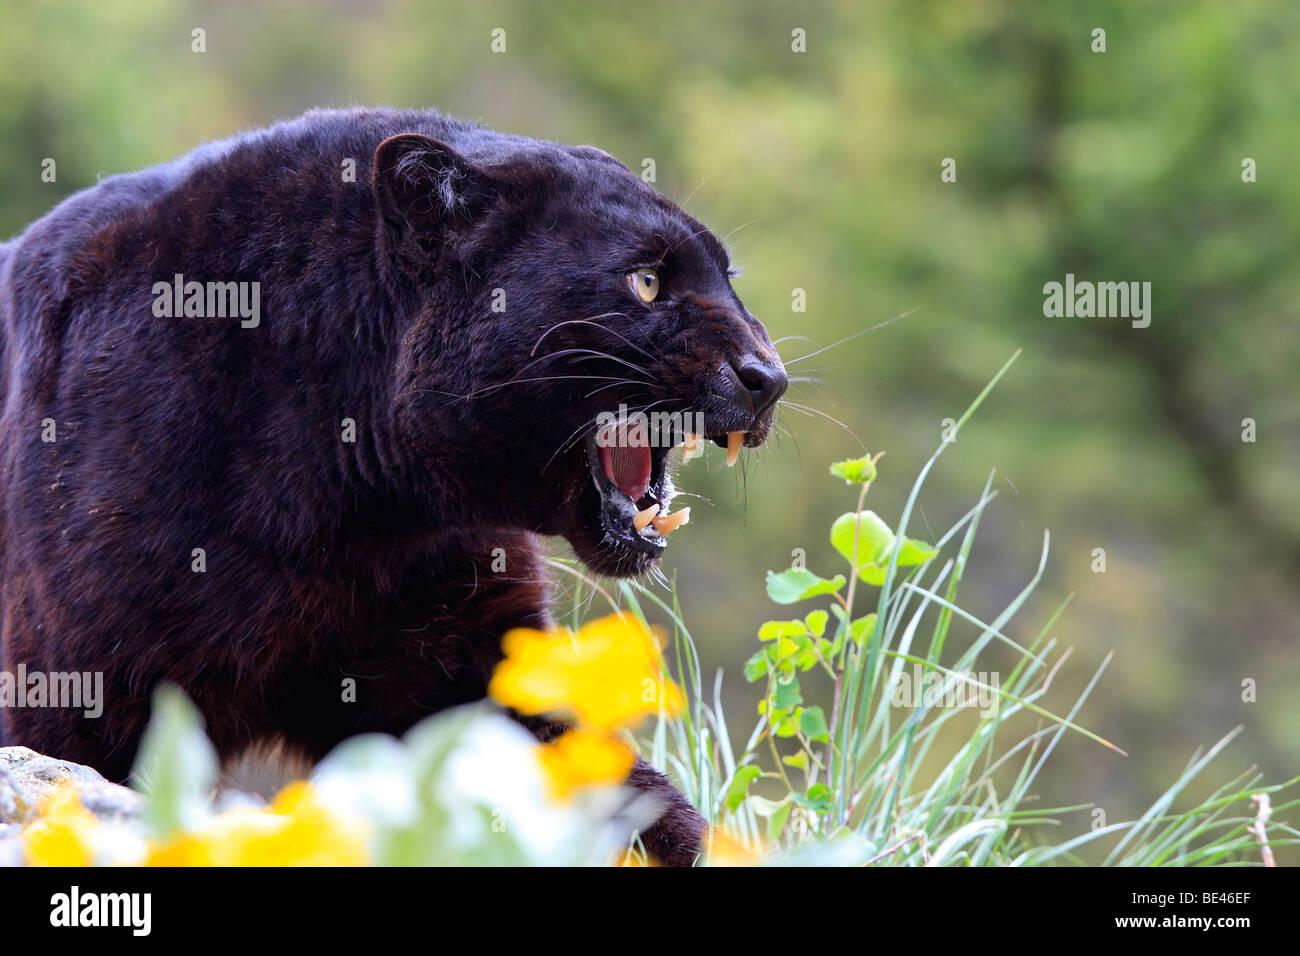 black panther stockfotos black panther bilder alamy. Black Bedroom Furniture Sets. Home Design Ideas